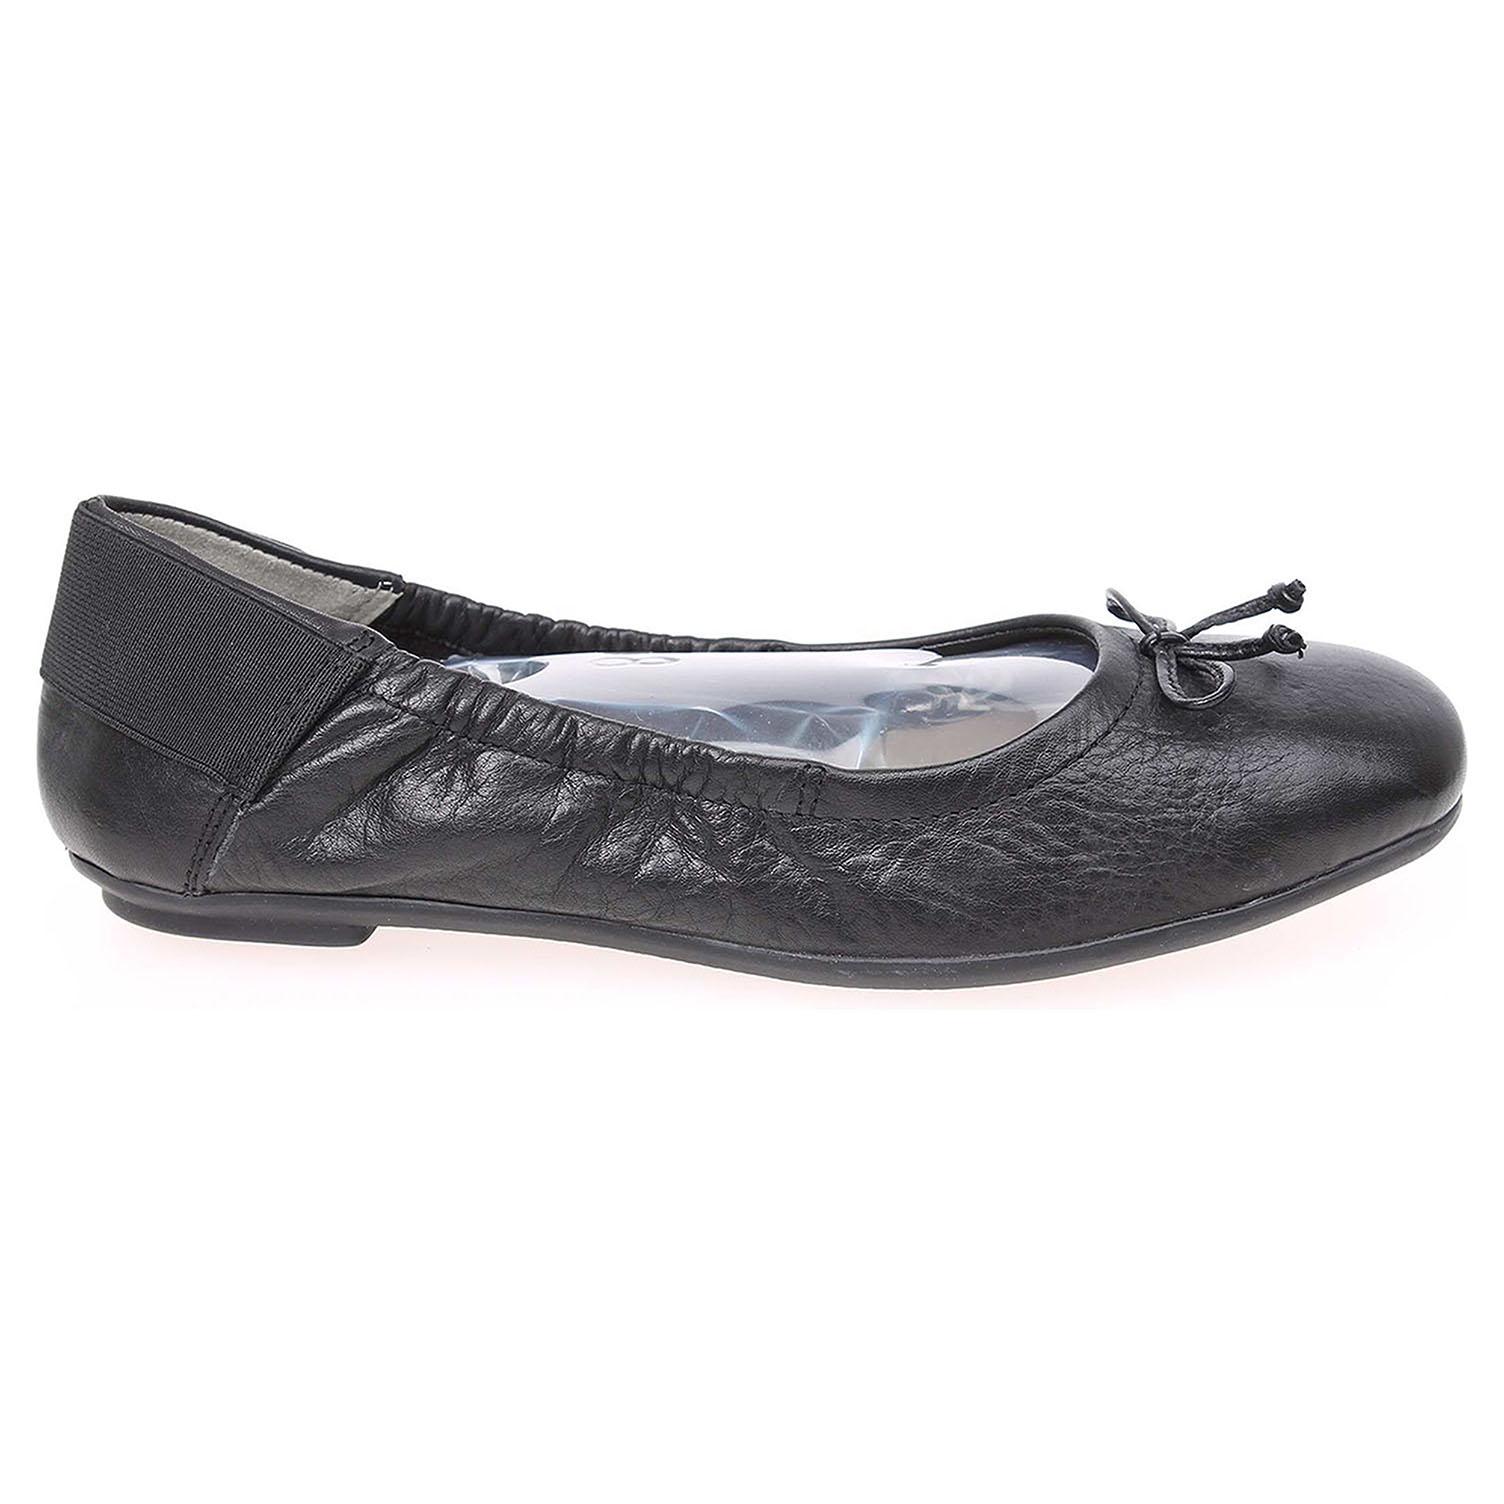 Caprice dámské baleriny 9-22163-24 černé 39